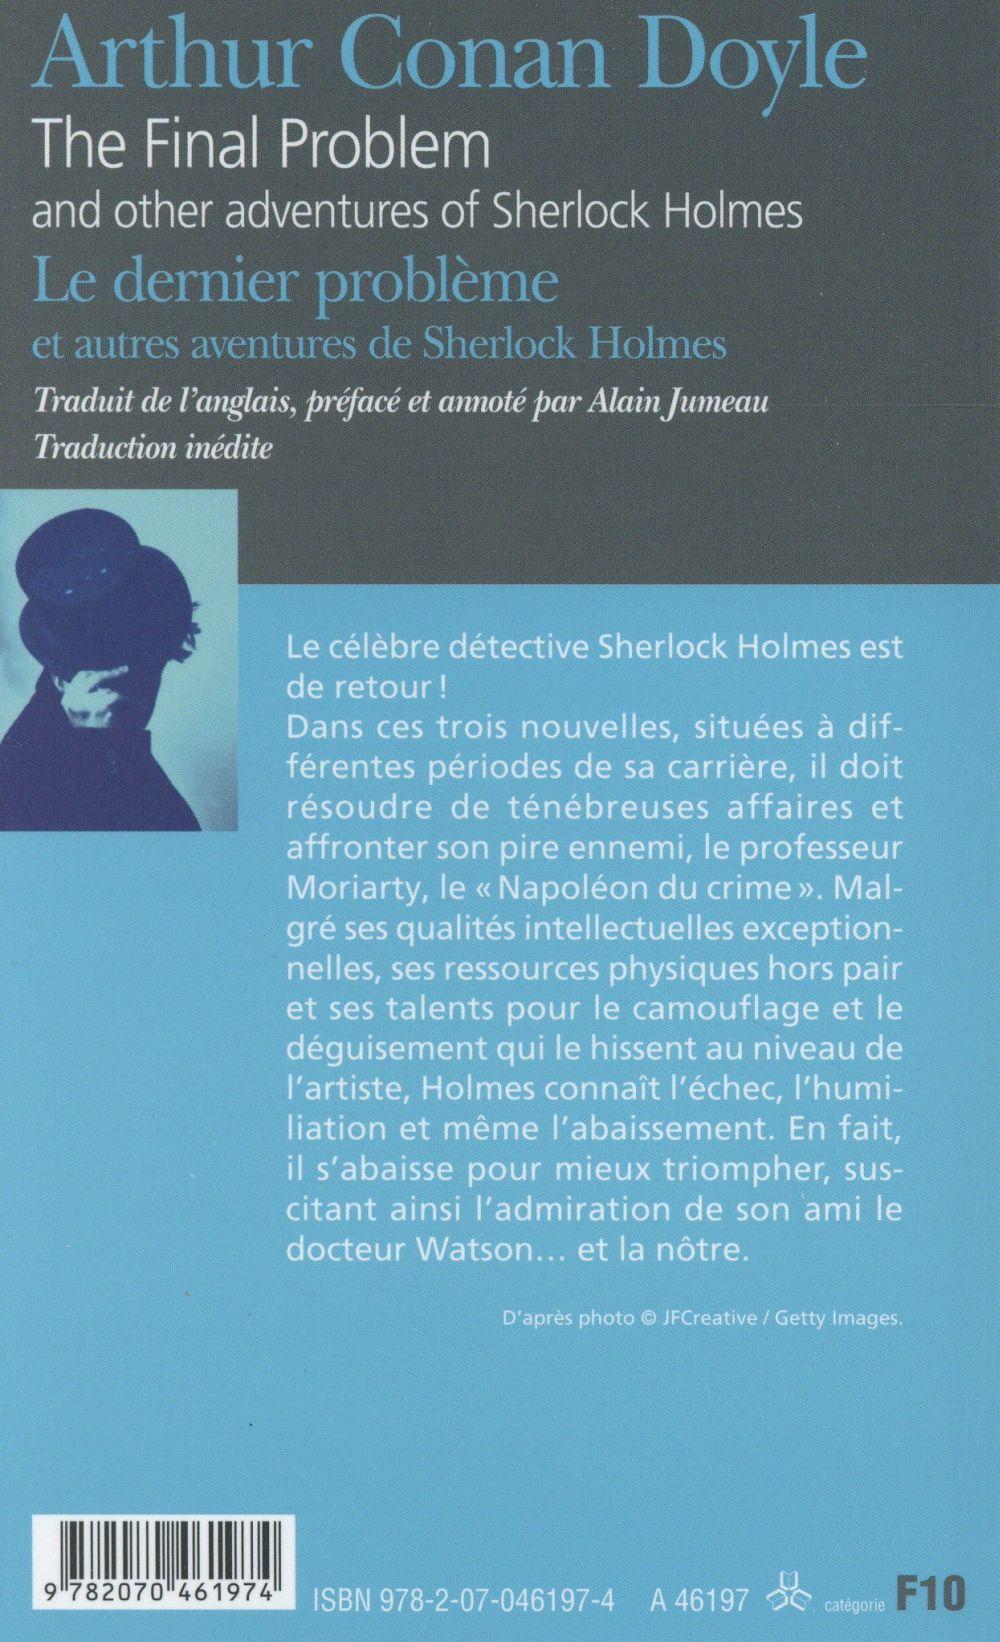 le dernier problème et autres aventures de Sherlock Holmes